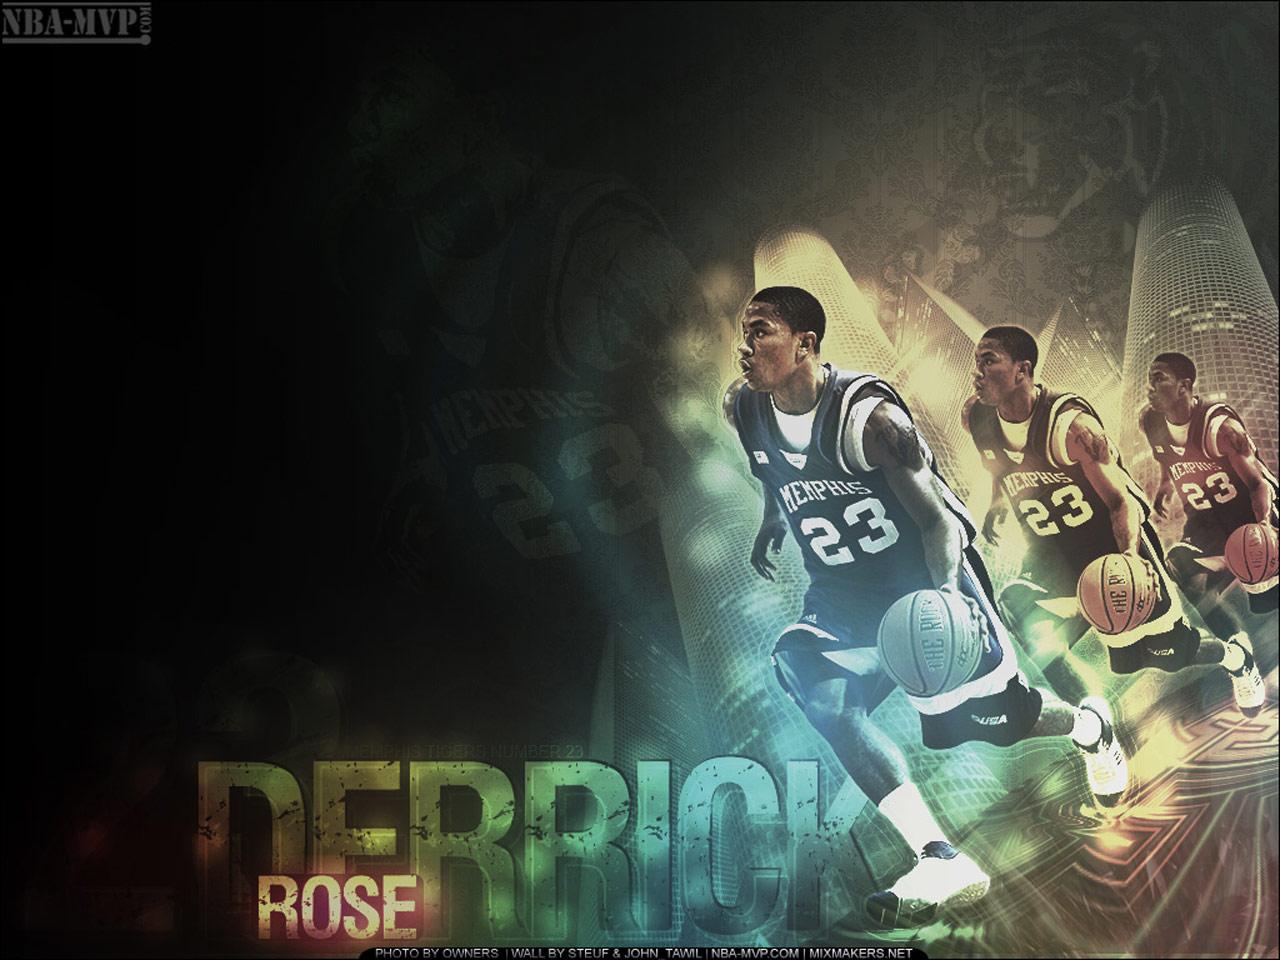 http://4.bp.blogspot.com/_0_IbsH3Iw48/TJsX8K46HeI/AAAAAAAACWg/Amml8D3OKIY/s1600/Derrick-Rose-Wallpaper1.jpg